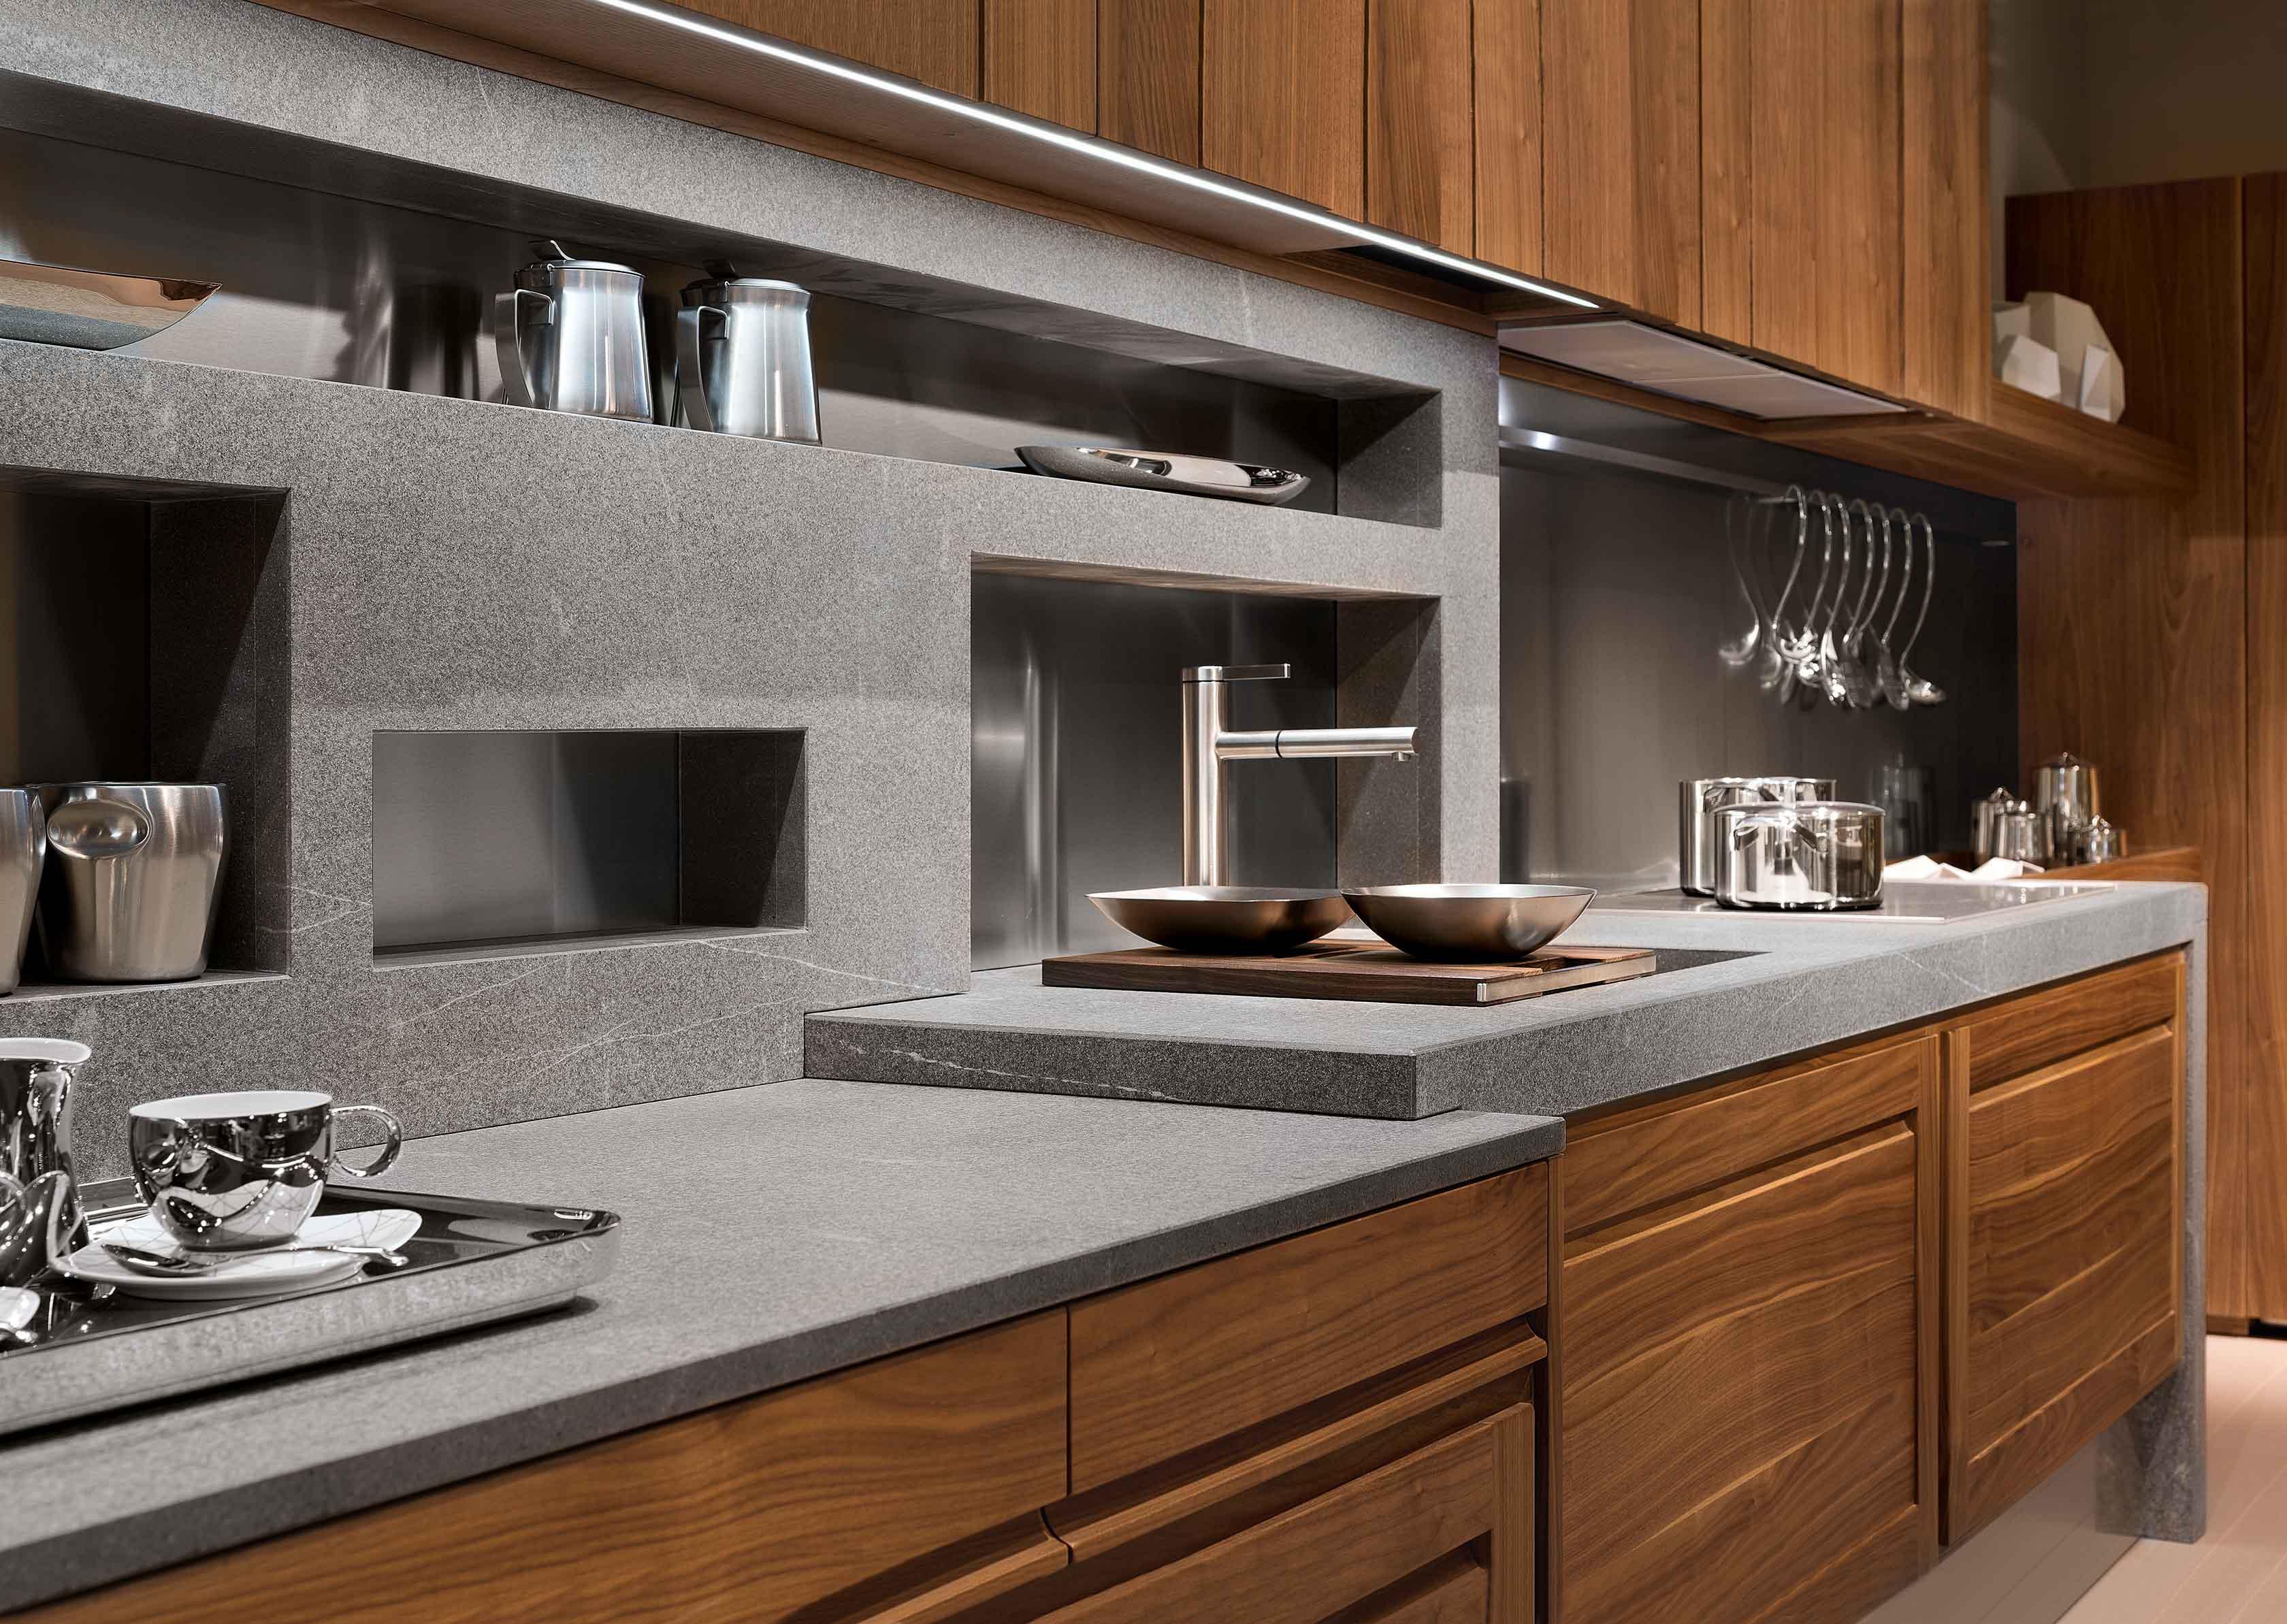 Cucina Canaletto - Cucina moderna in legno massello | L ...